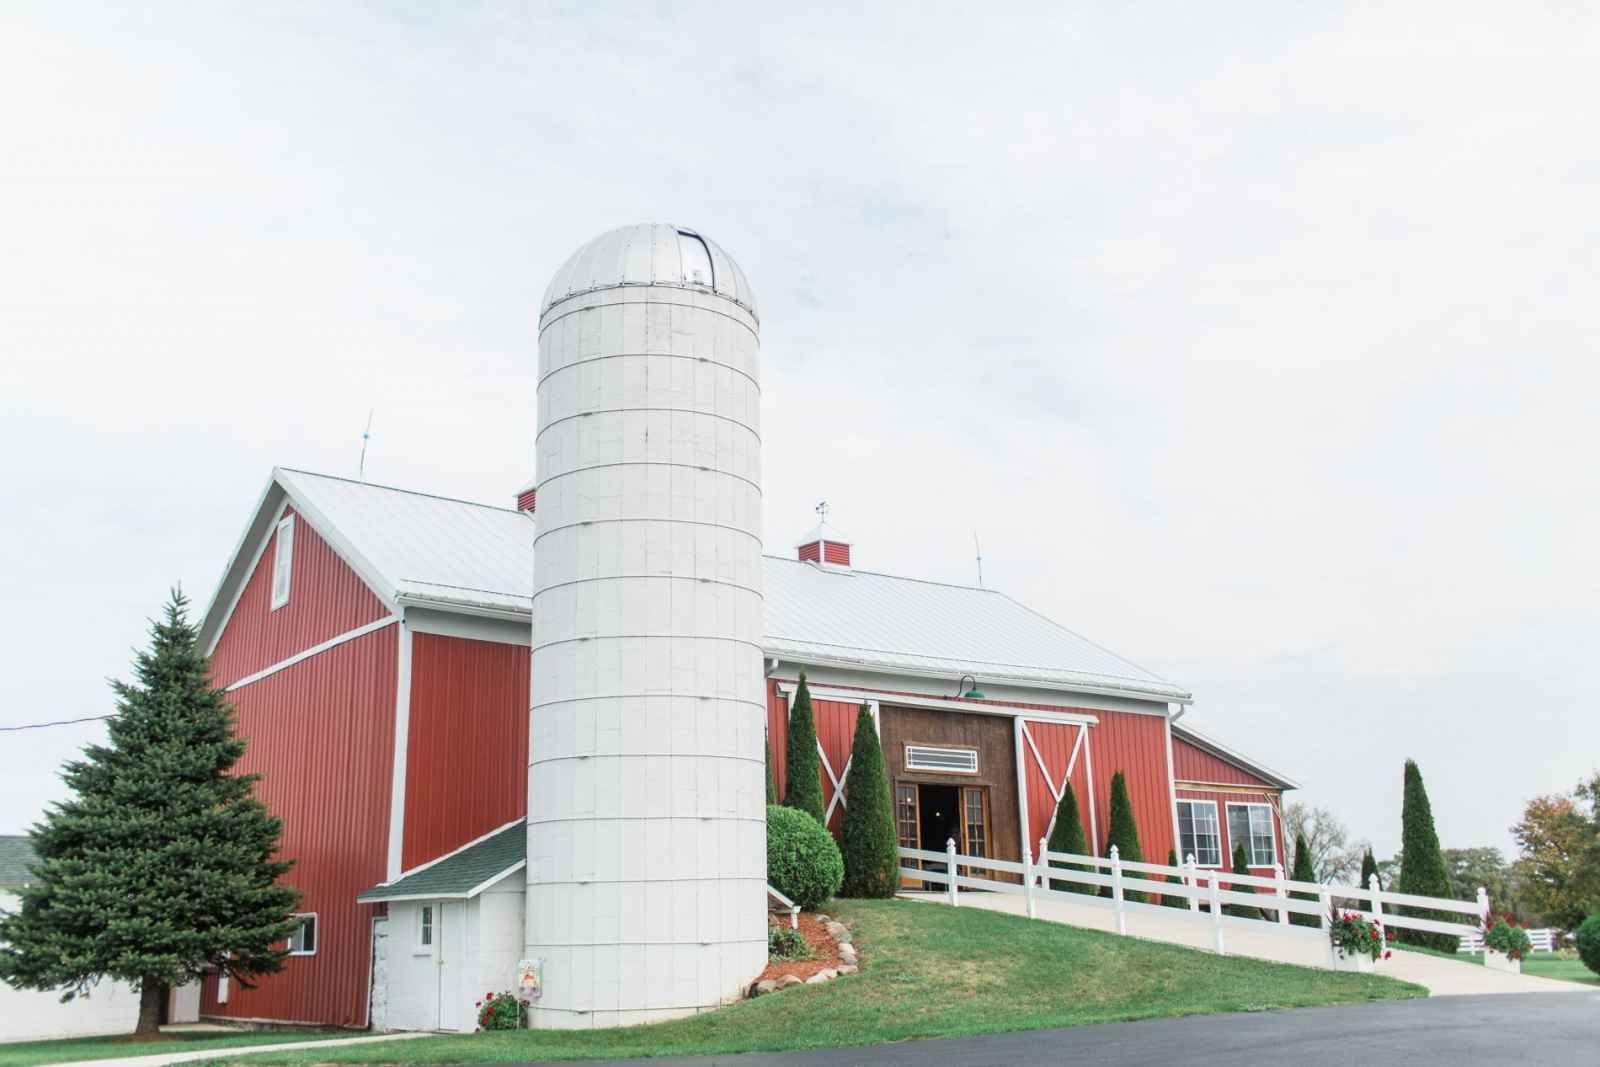 Indiana barn wedding venue - WeddingDay Exclusive Style ...